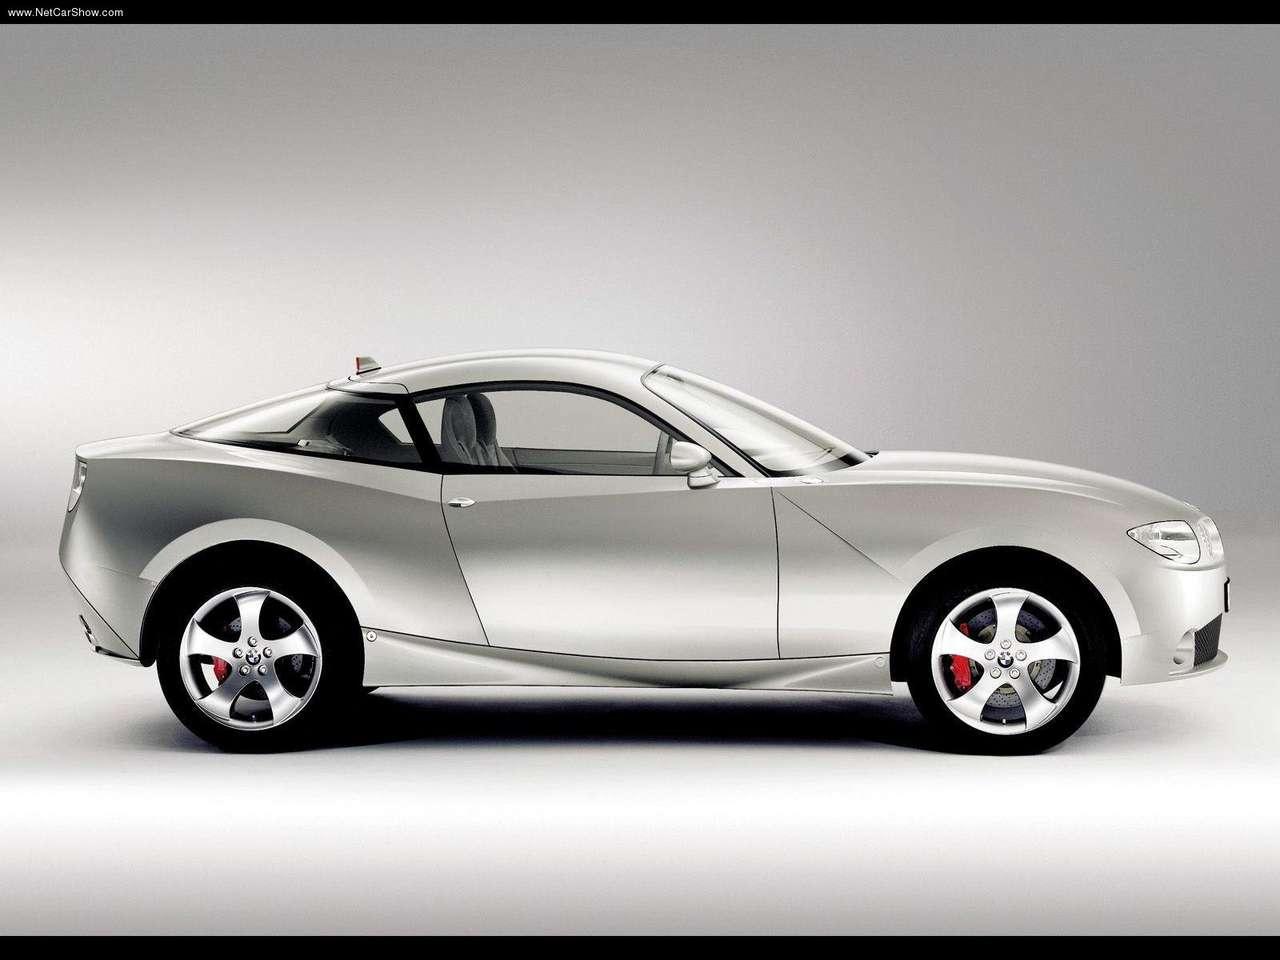 BMW - Auto twenty-first century: 2001 BMW X Coupe Concept